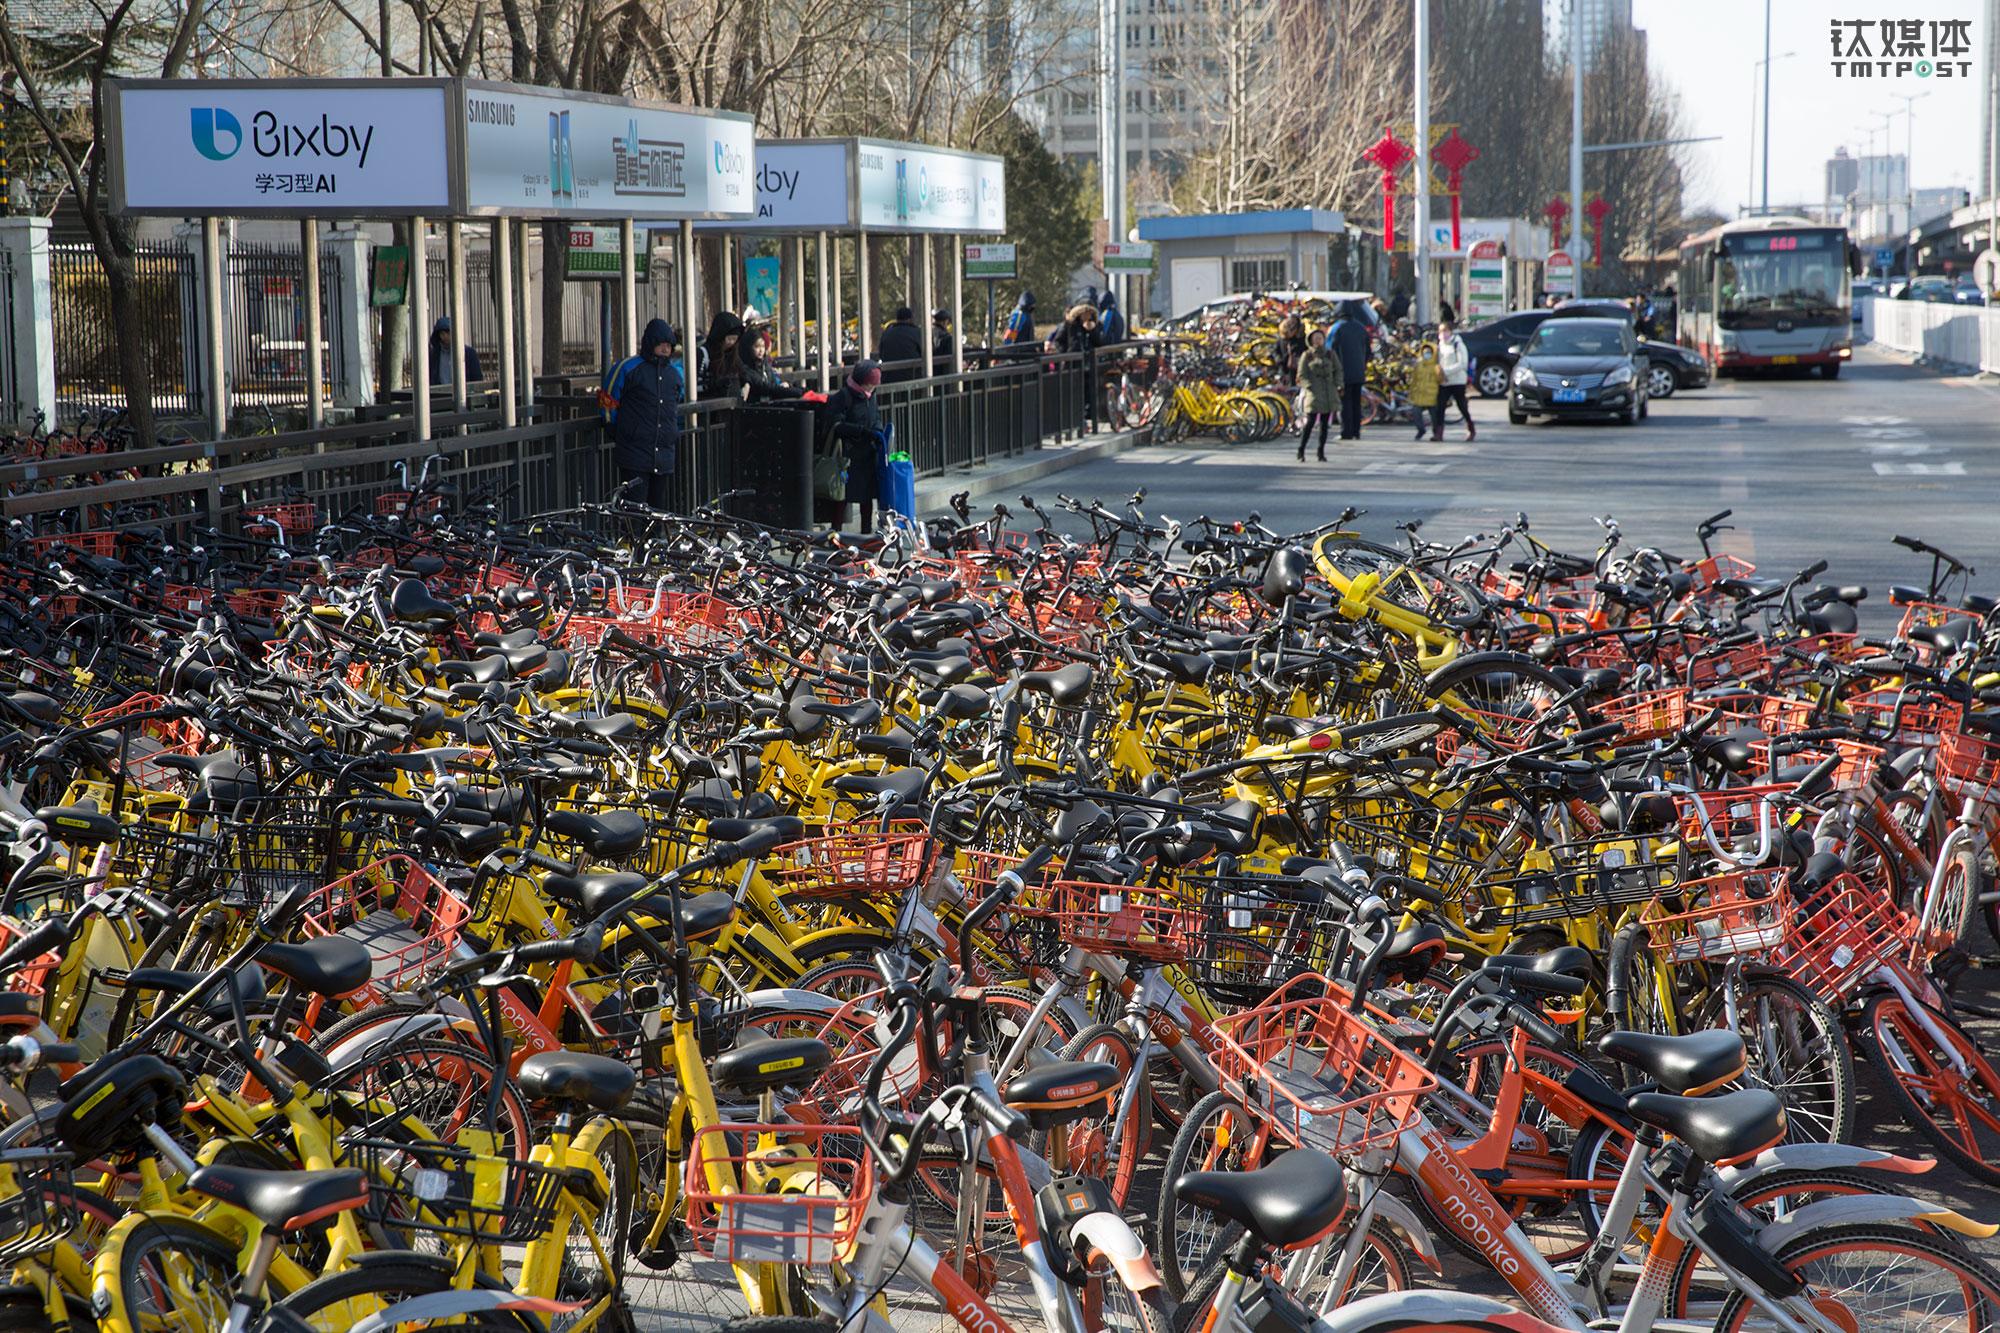 图为2018年2月12日,农历腊月二十七,北京大望路八王坟东公交站,淤积在公交港湾的共享单车。随着春节前务工人员返乡,北京多个站点出现了类似情况。